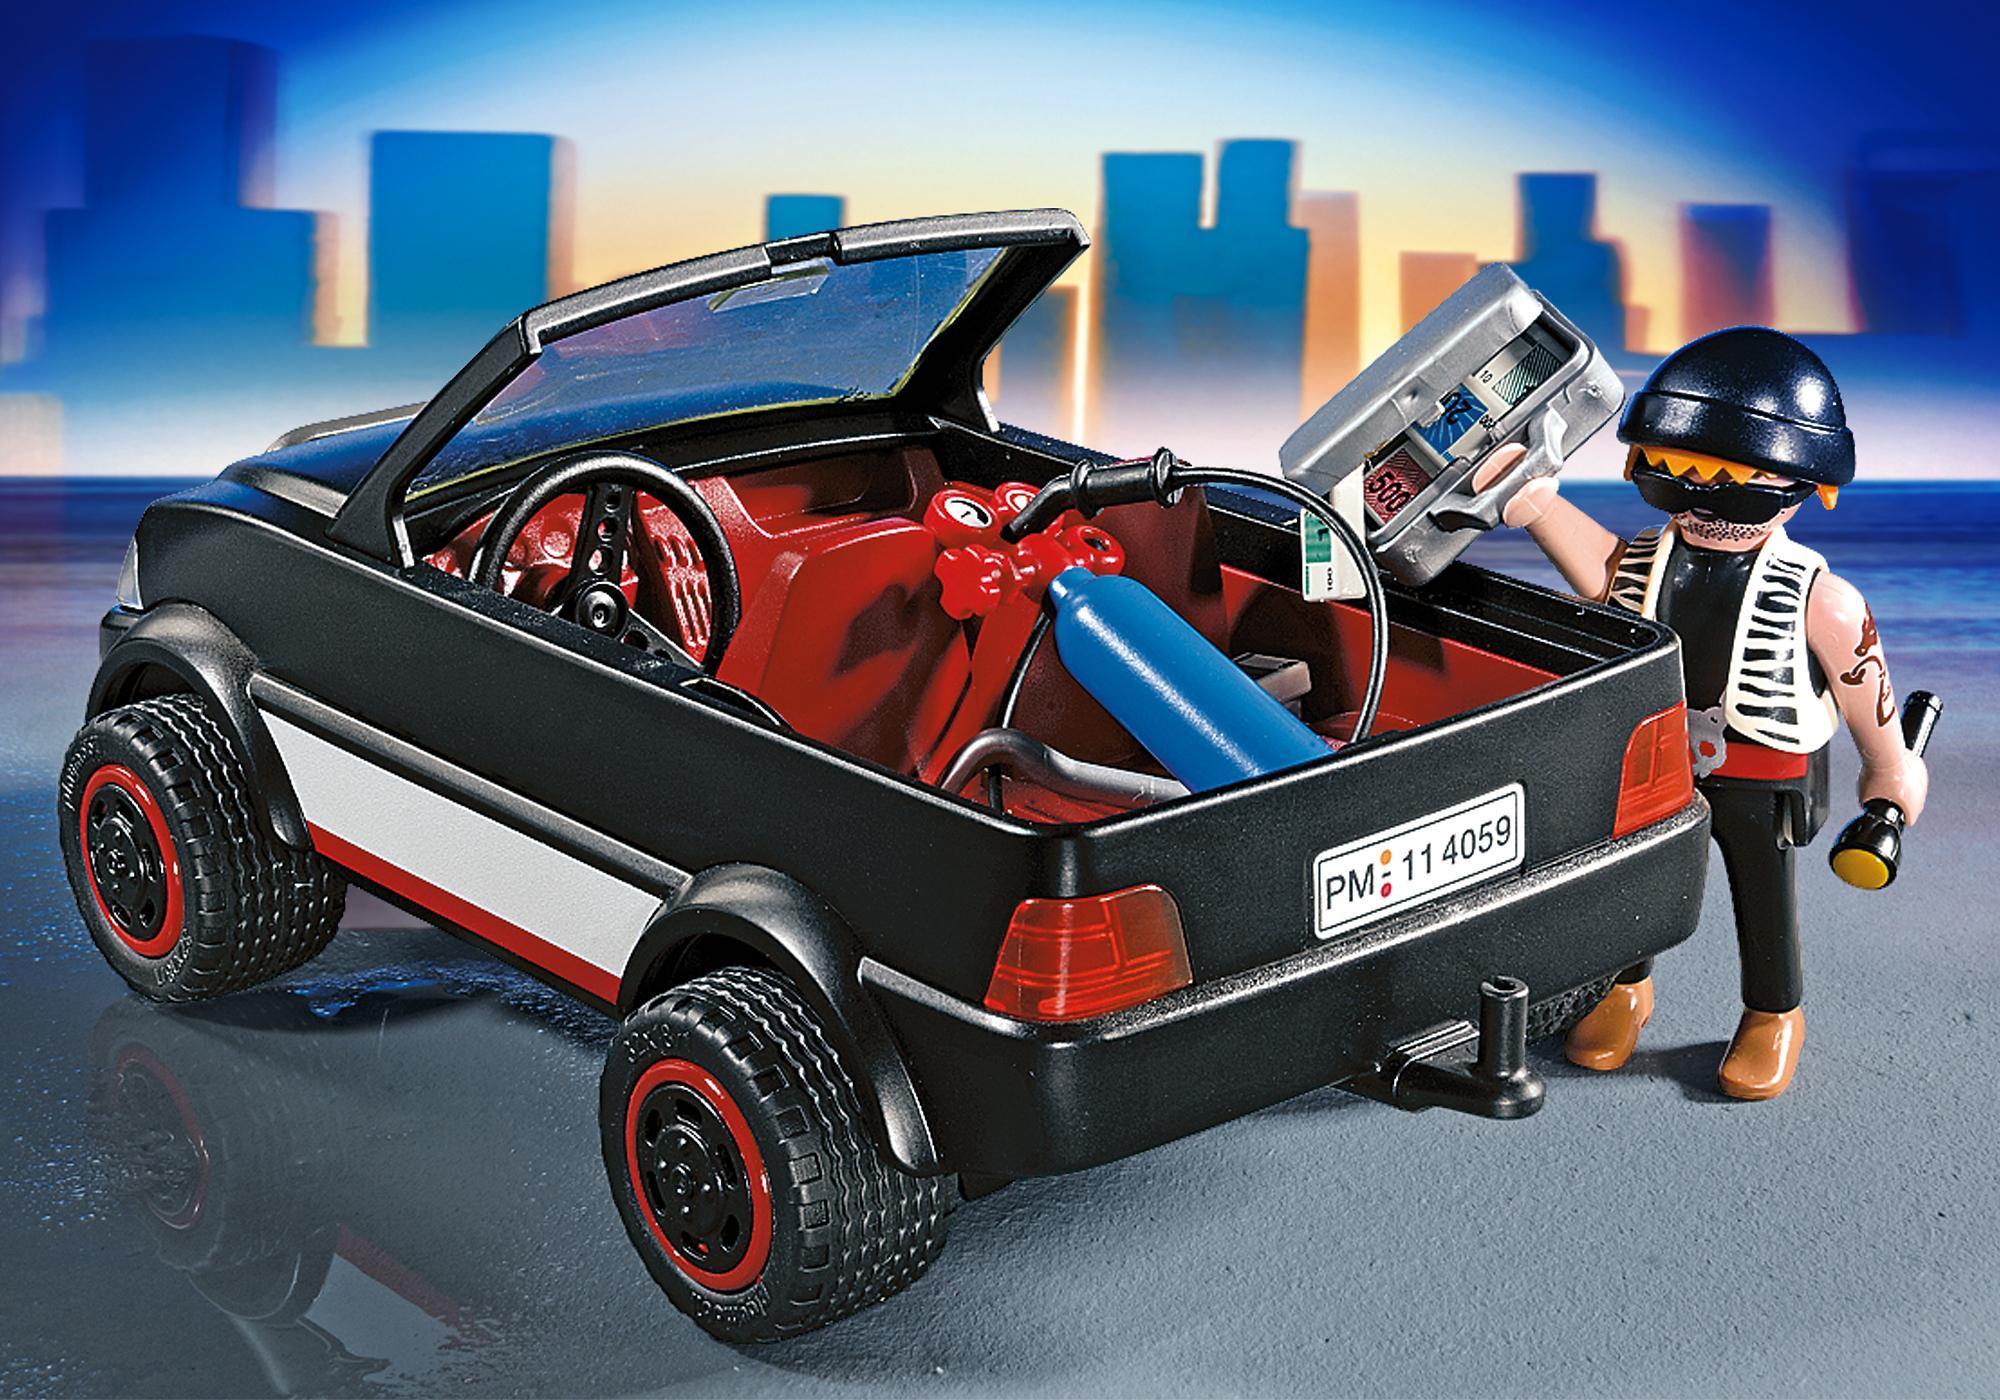 http://media.playmobil.com/i/playmobil/4059_product_extra1/Brandkastkraker met vluchtauto